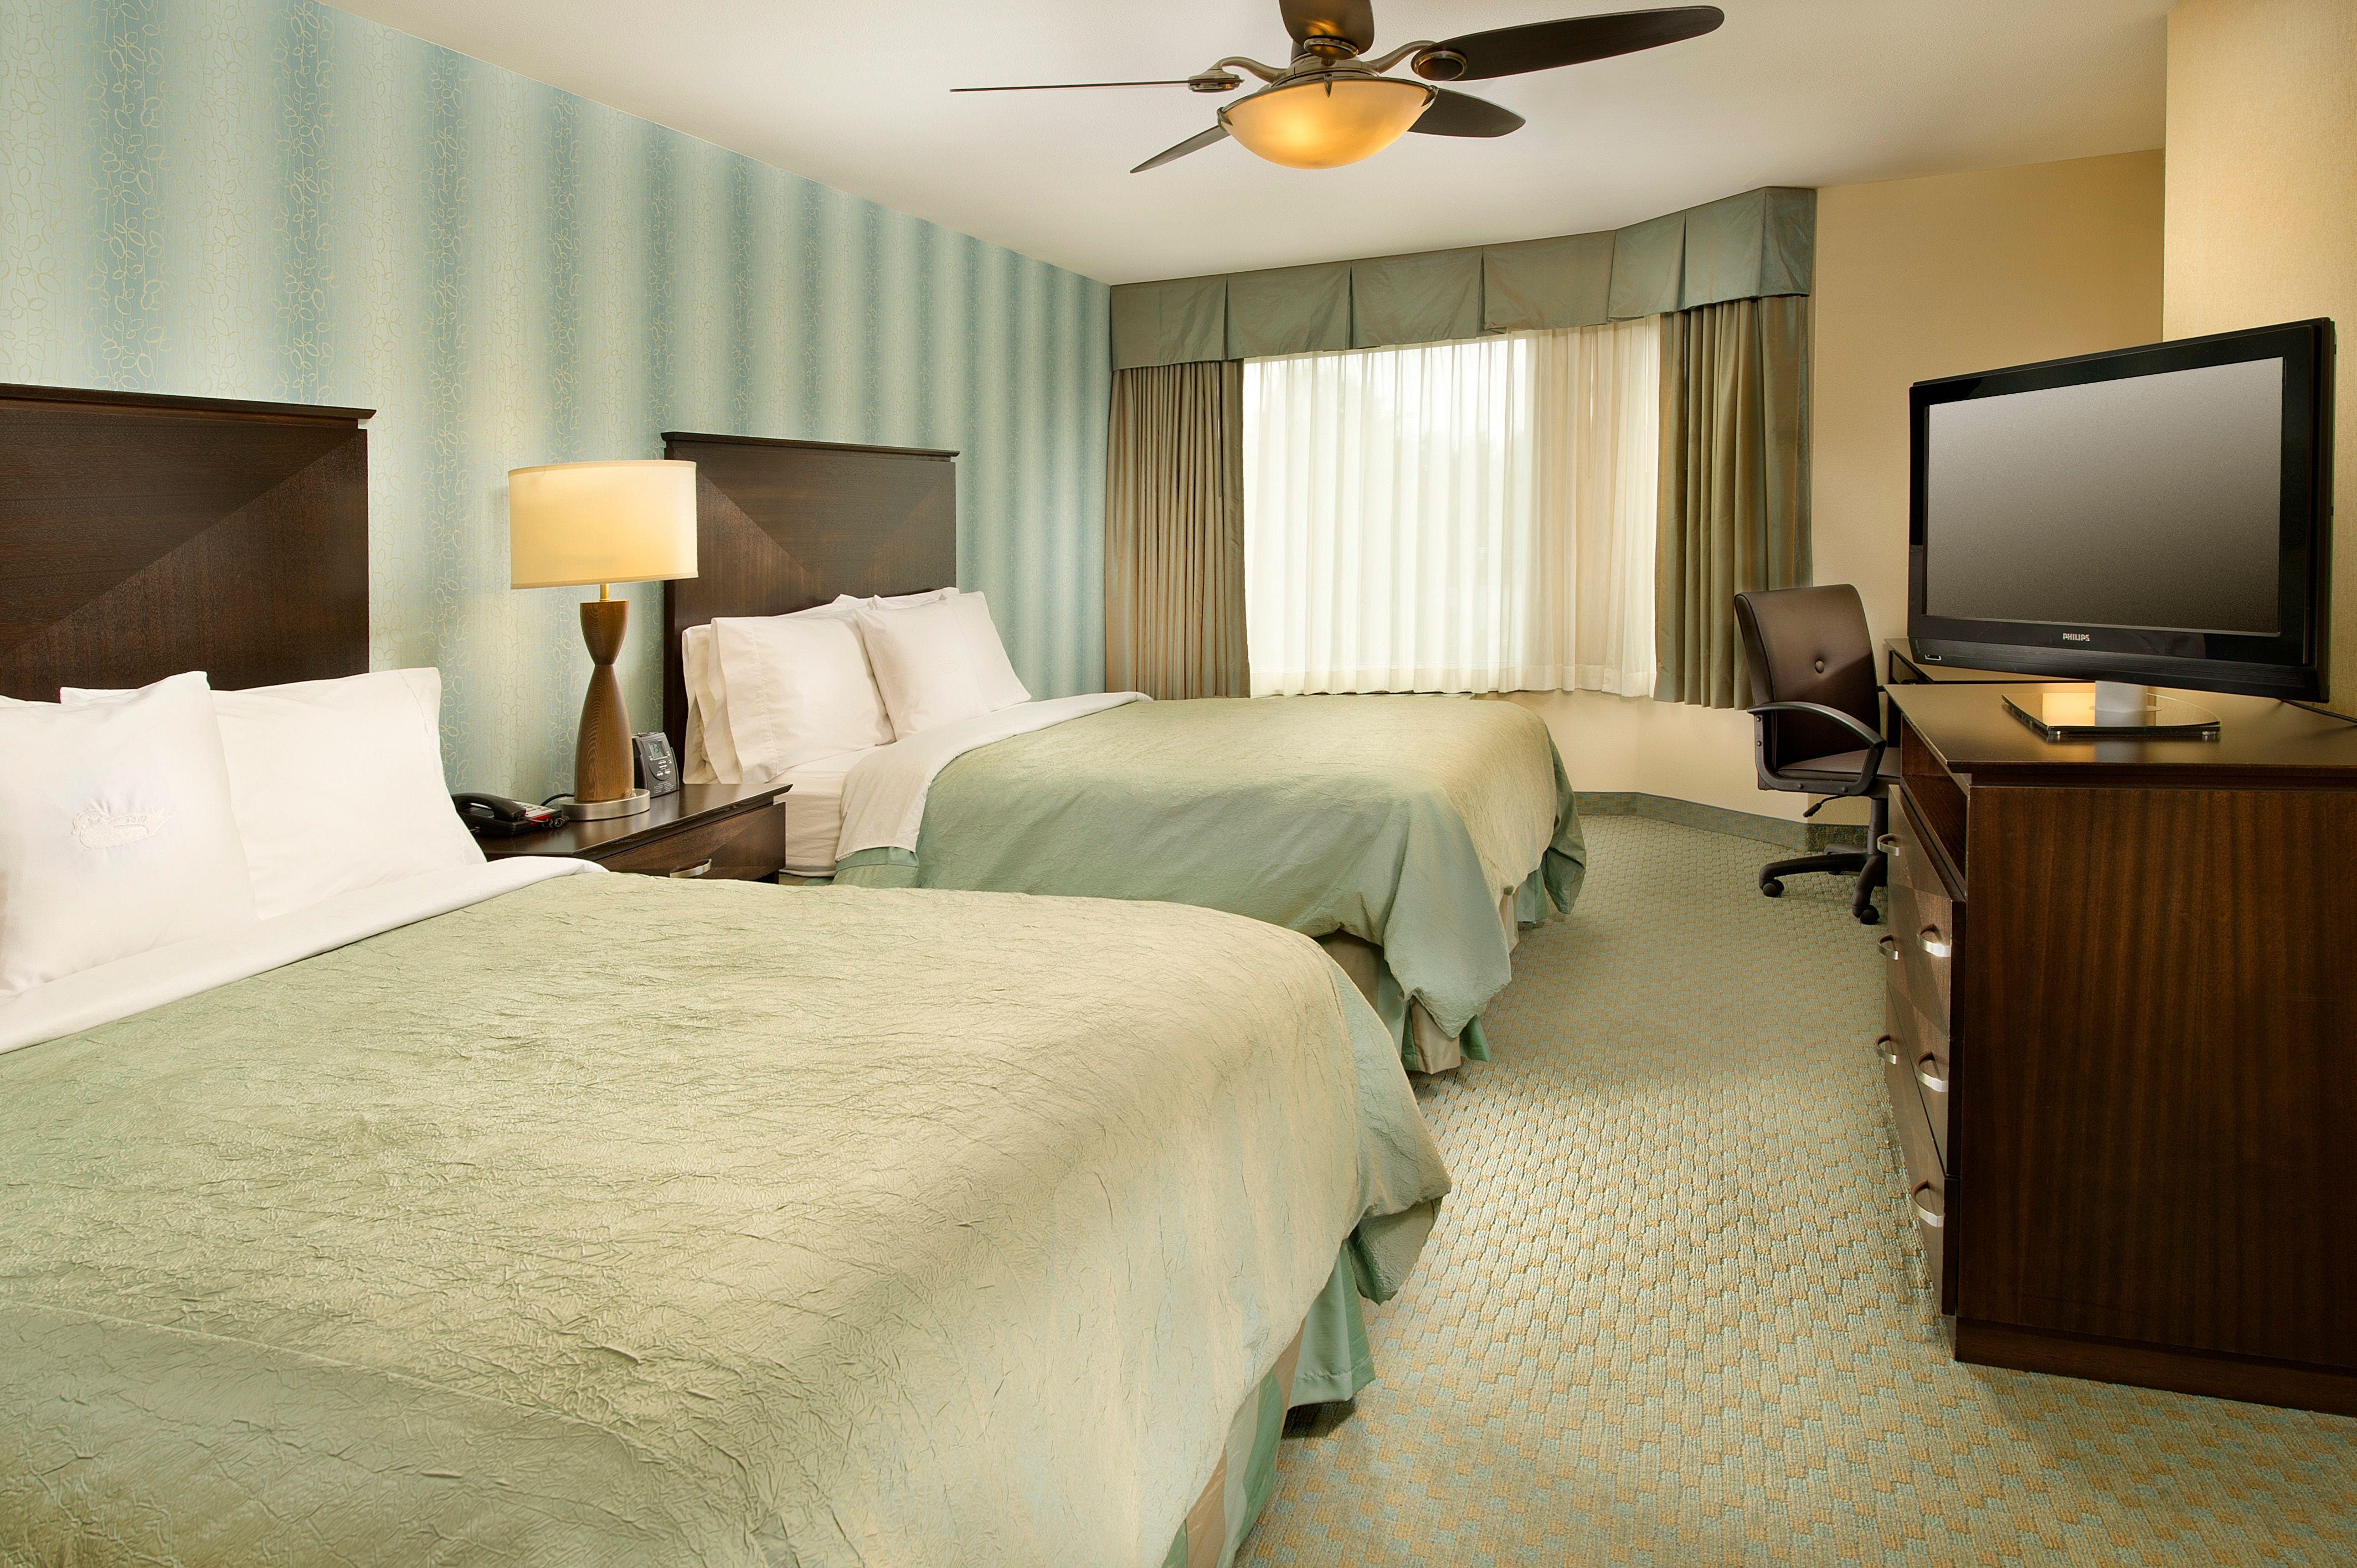 Pin by Homewood Suites Atlanta NW Ken on Hotel Amenities